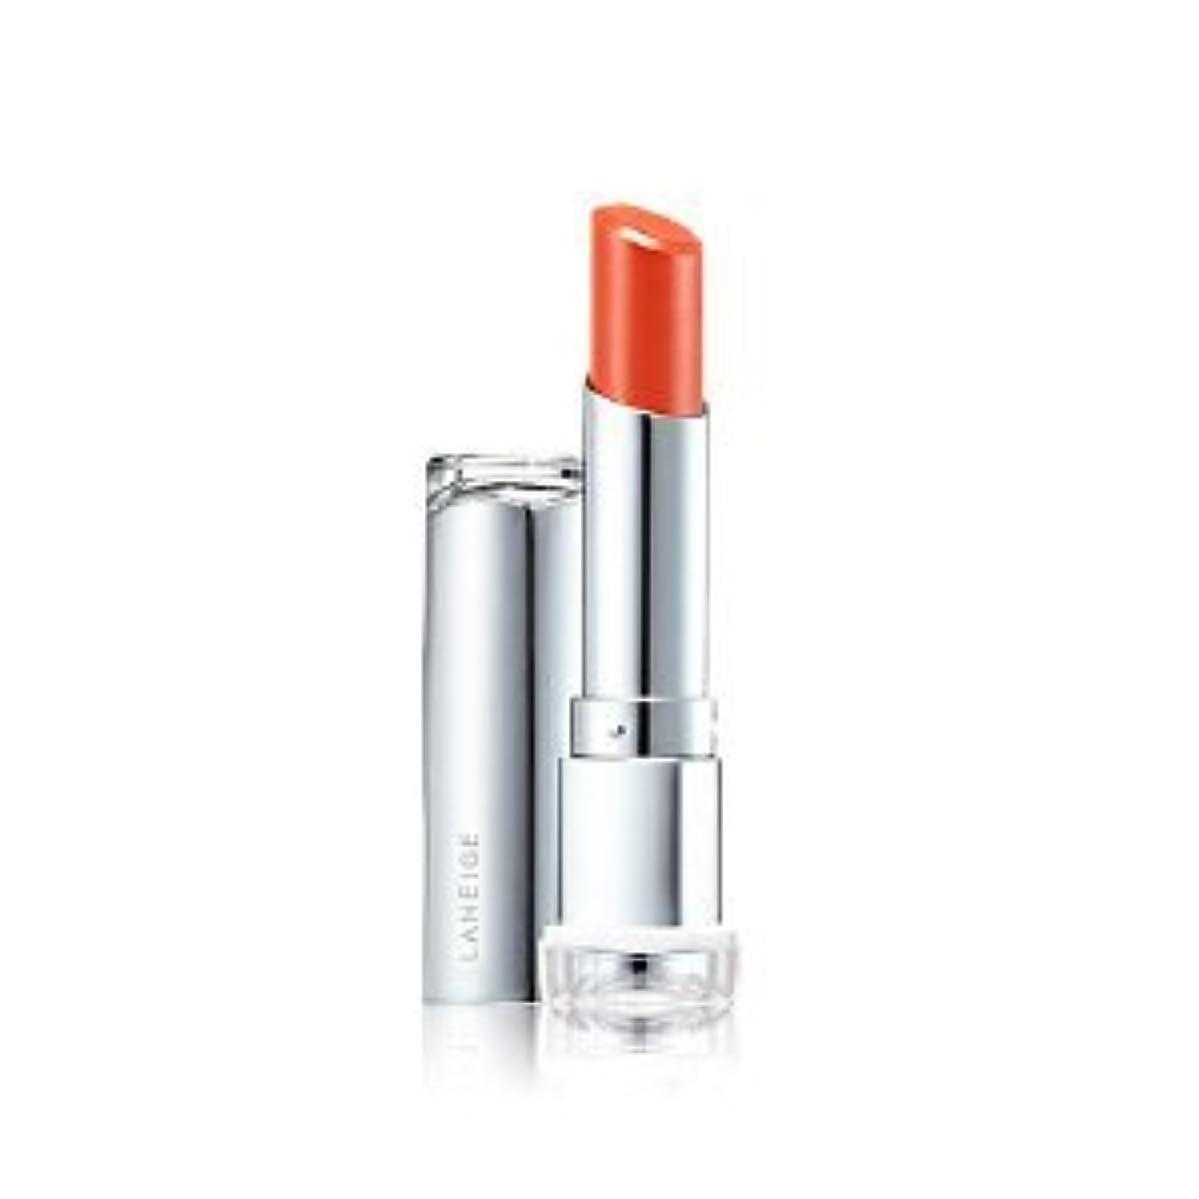 船尾議会強いますLANEIGE Serum Intense Lipstick (LR07 Love Me Pink)/ Made in Korea